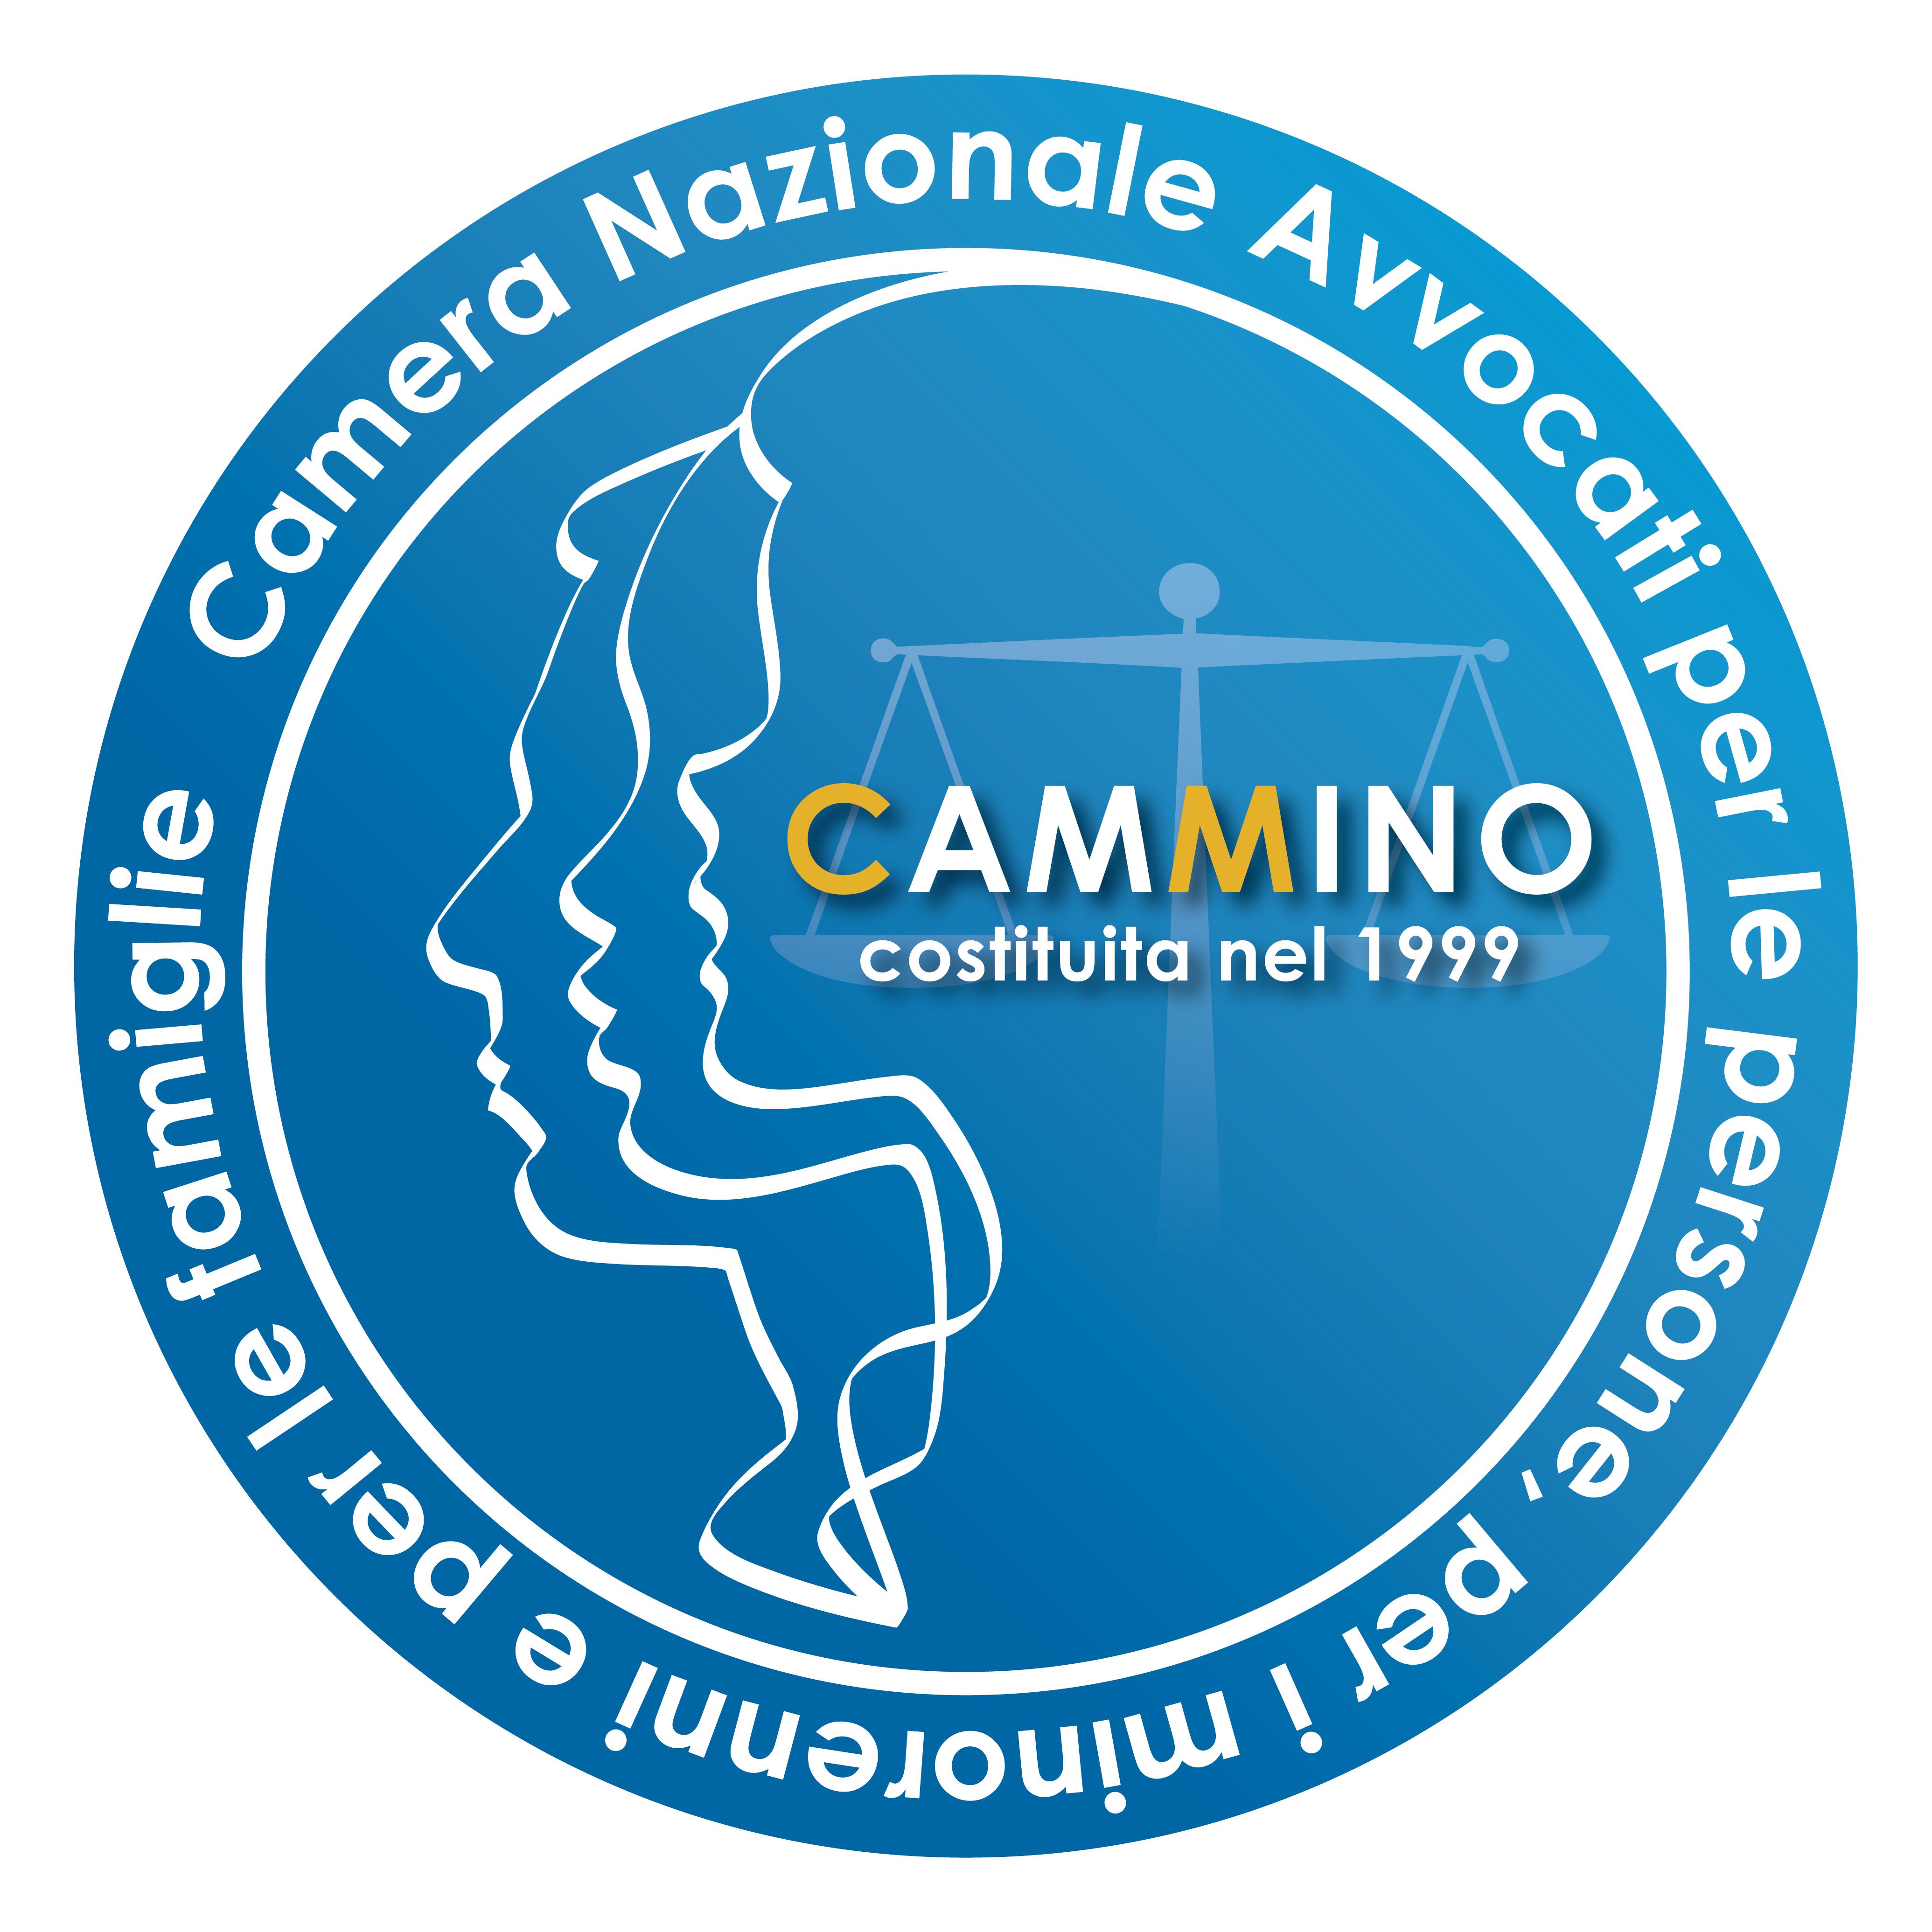 Pubblicato il X Rapporto CRC. La presentazione a Torino, 21 novembre 2019